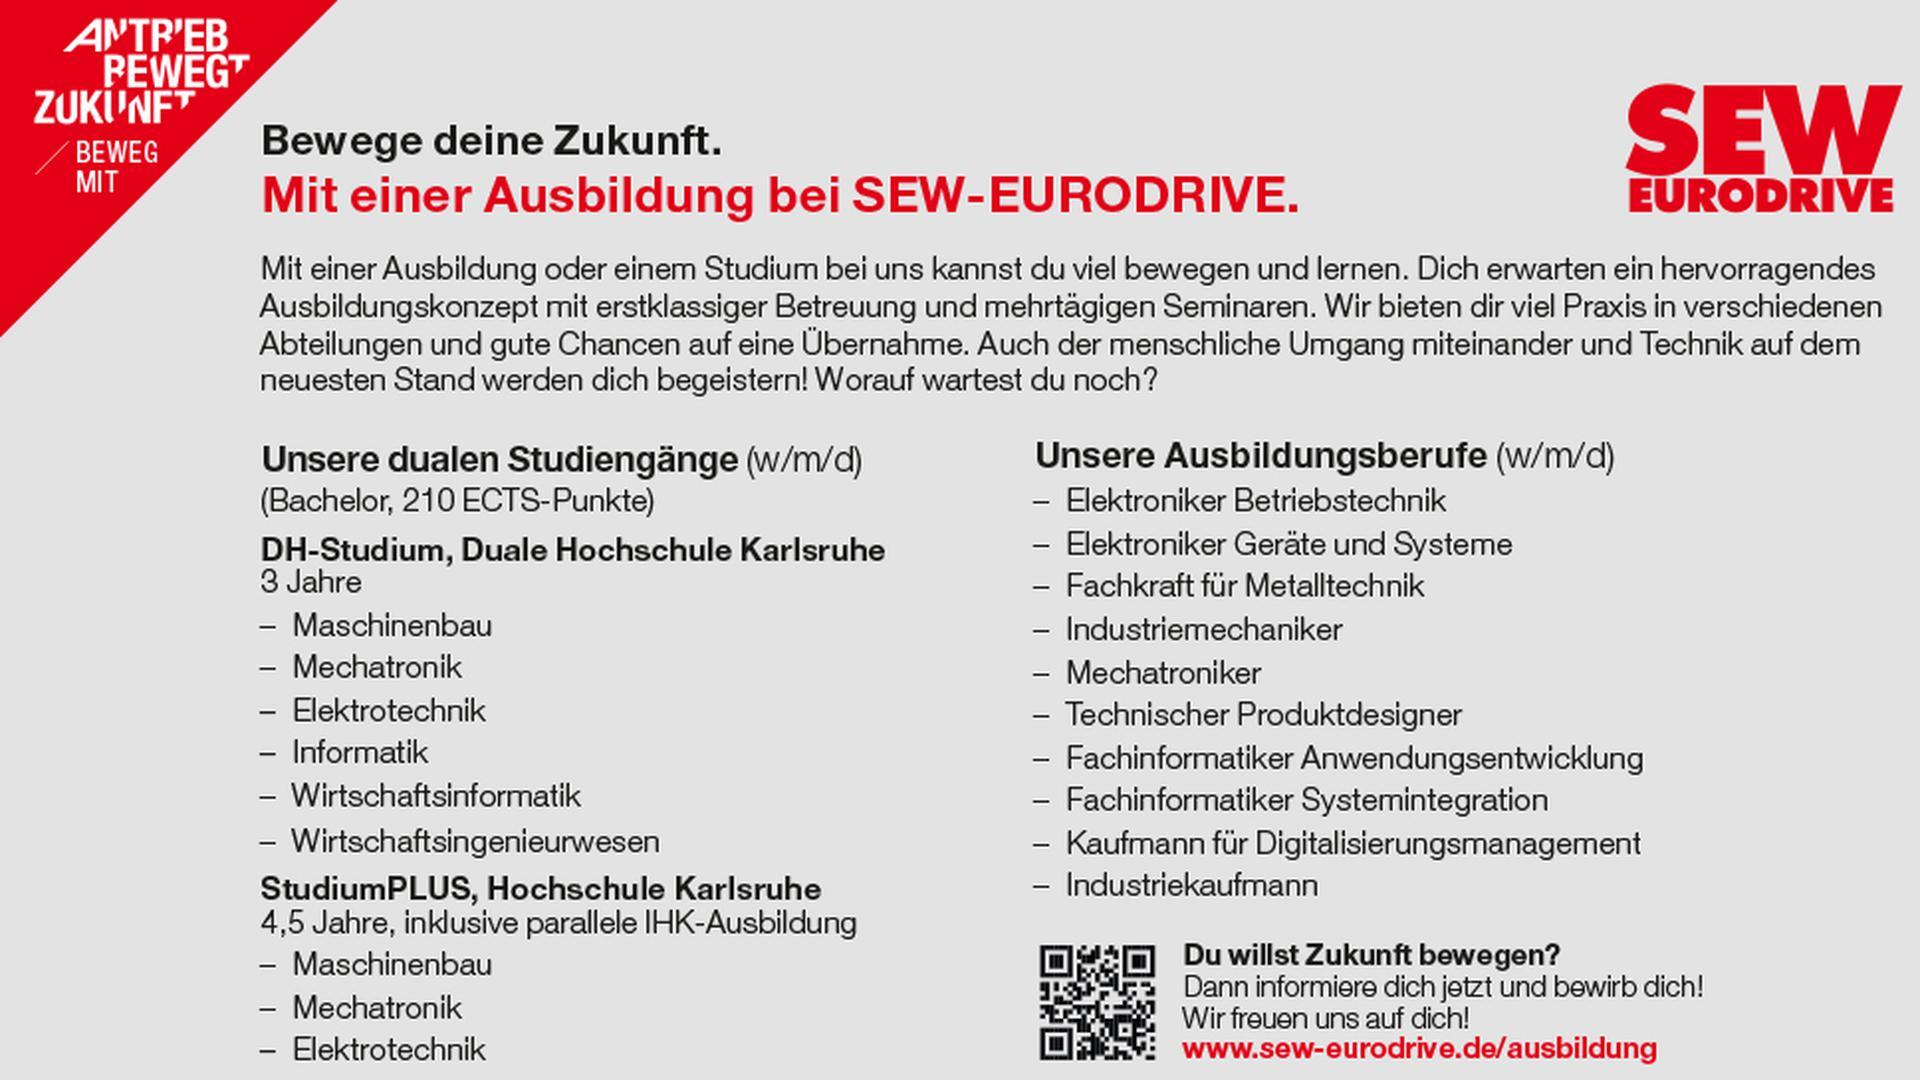 Ausbildung oder Studium bei SEW Eurodrive